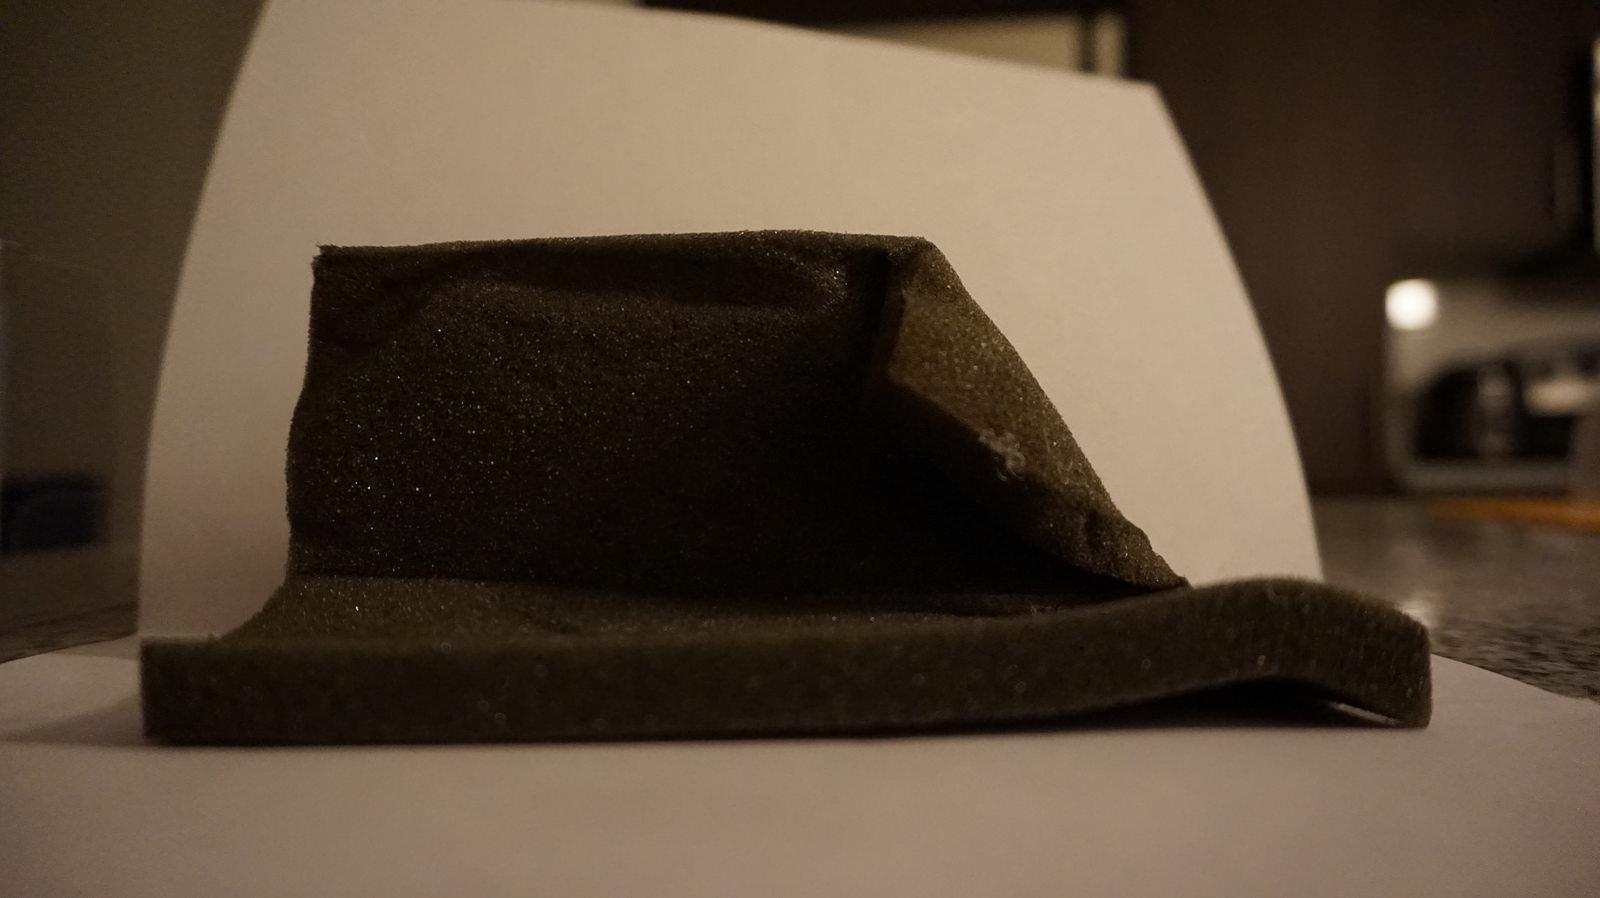 Oakley Sub Zero #5 Carbon Fiber Complete (reduced) - 41194849915_f3e93c1293_h.jpg